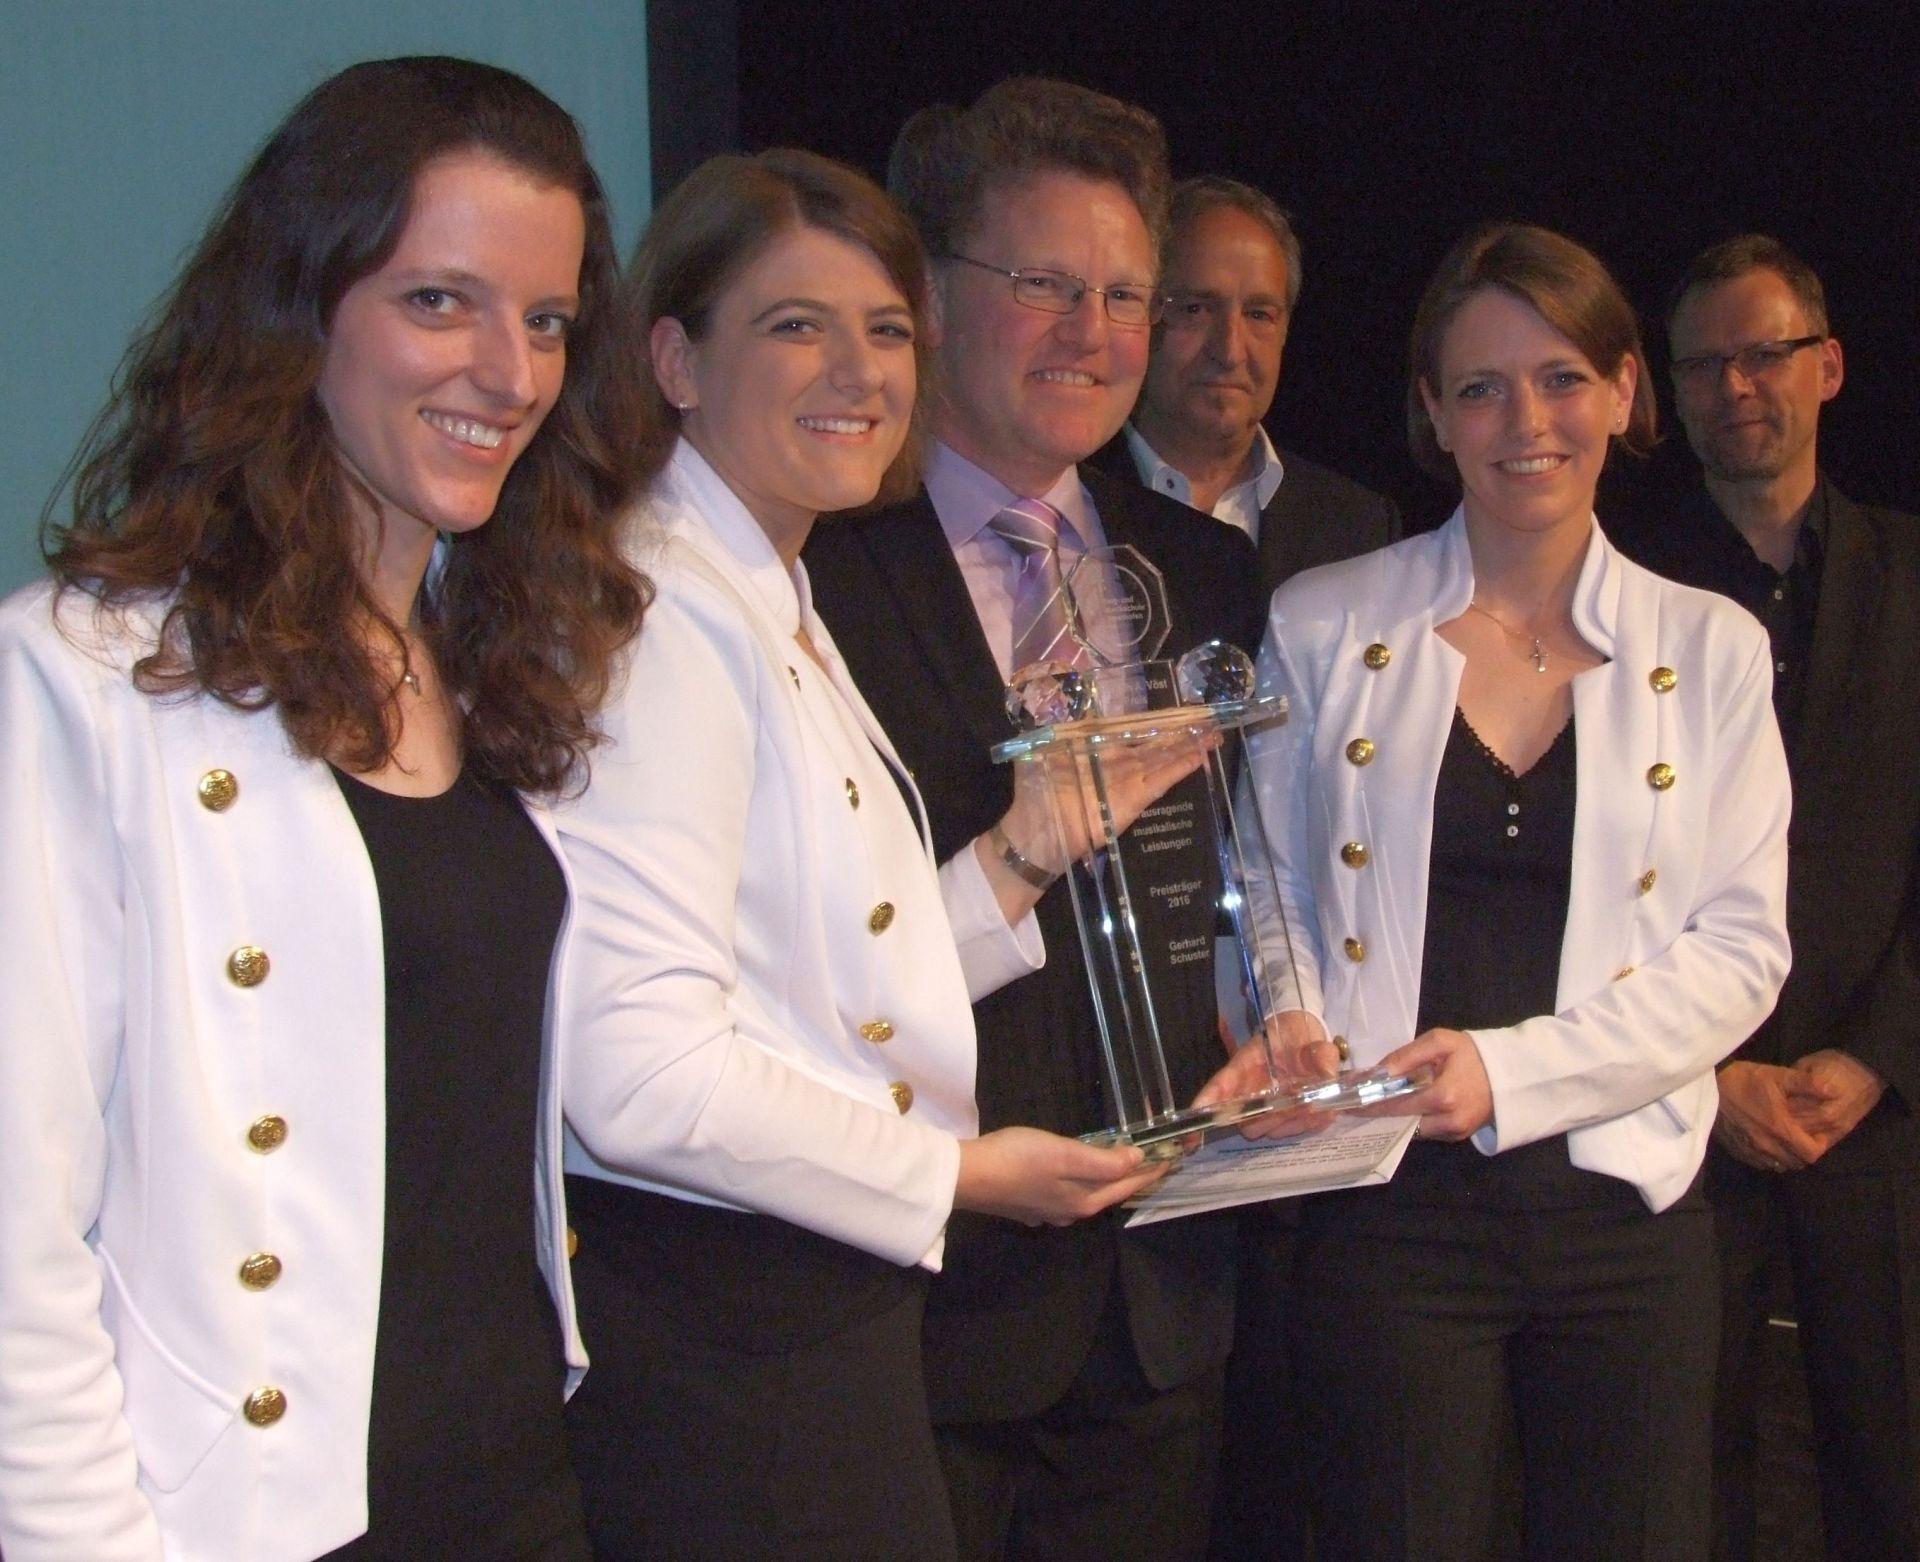 Gerhard Schuster (Vierter von rechts) wurde mit dem Joseph-Anton-Vöst-Preis ausgezeichnet. Es gratulierten (von links) die Moderatorinnen Elisabeth, Franziska und Maria Zwerger sowie Vorsitzender Armin Gaurieder und Musikschulleiter Robert Kraus.